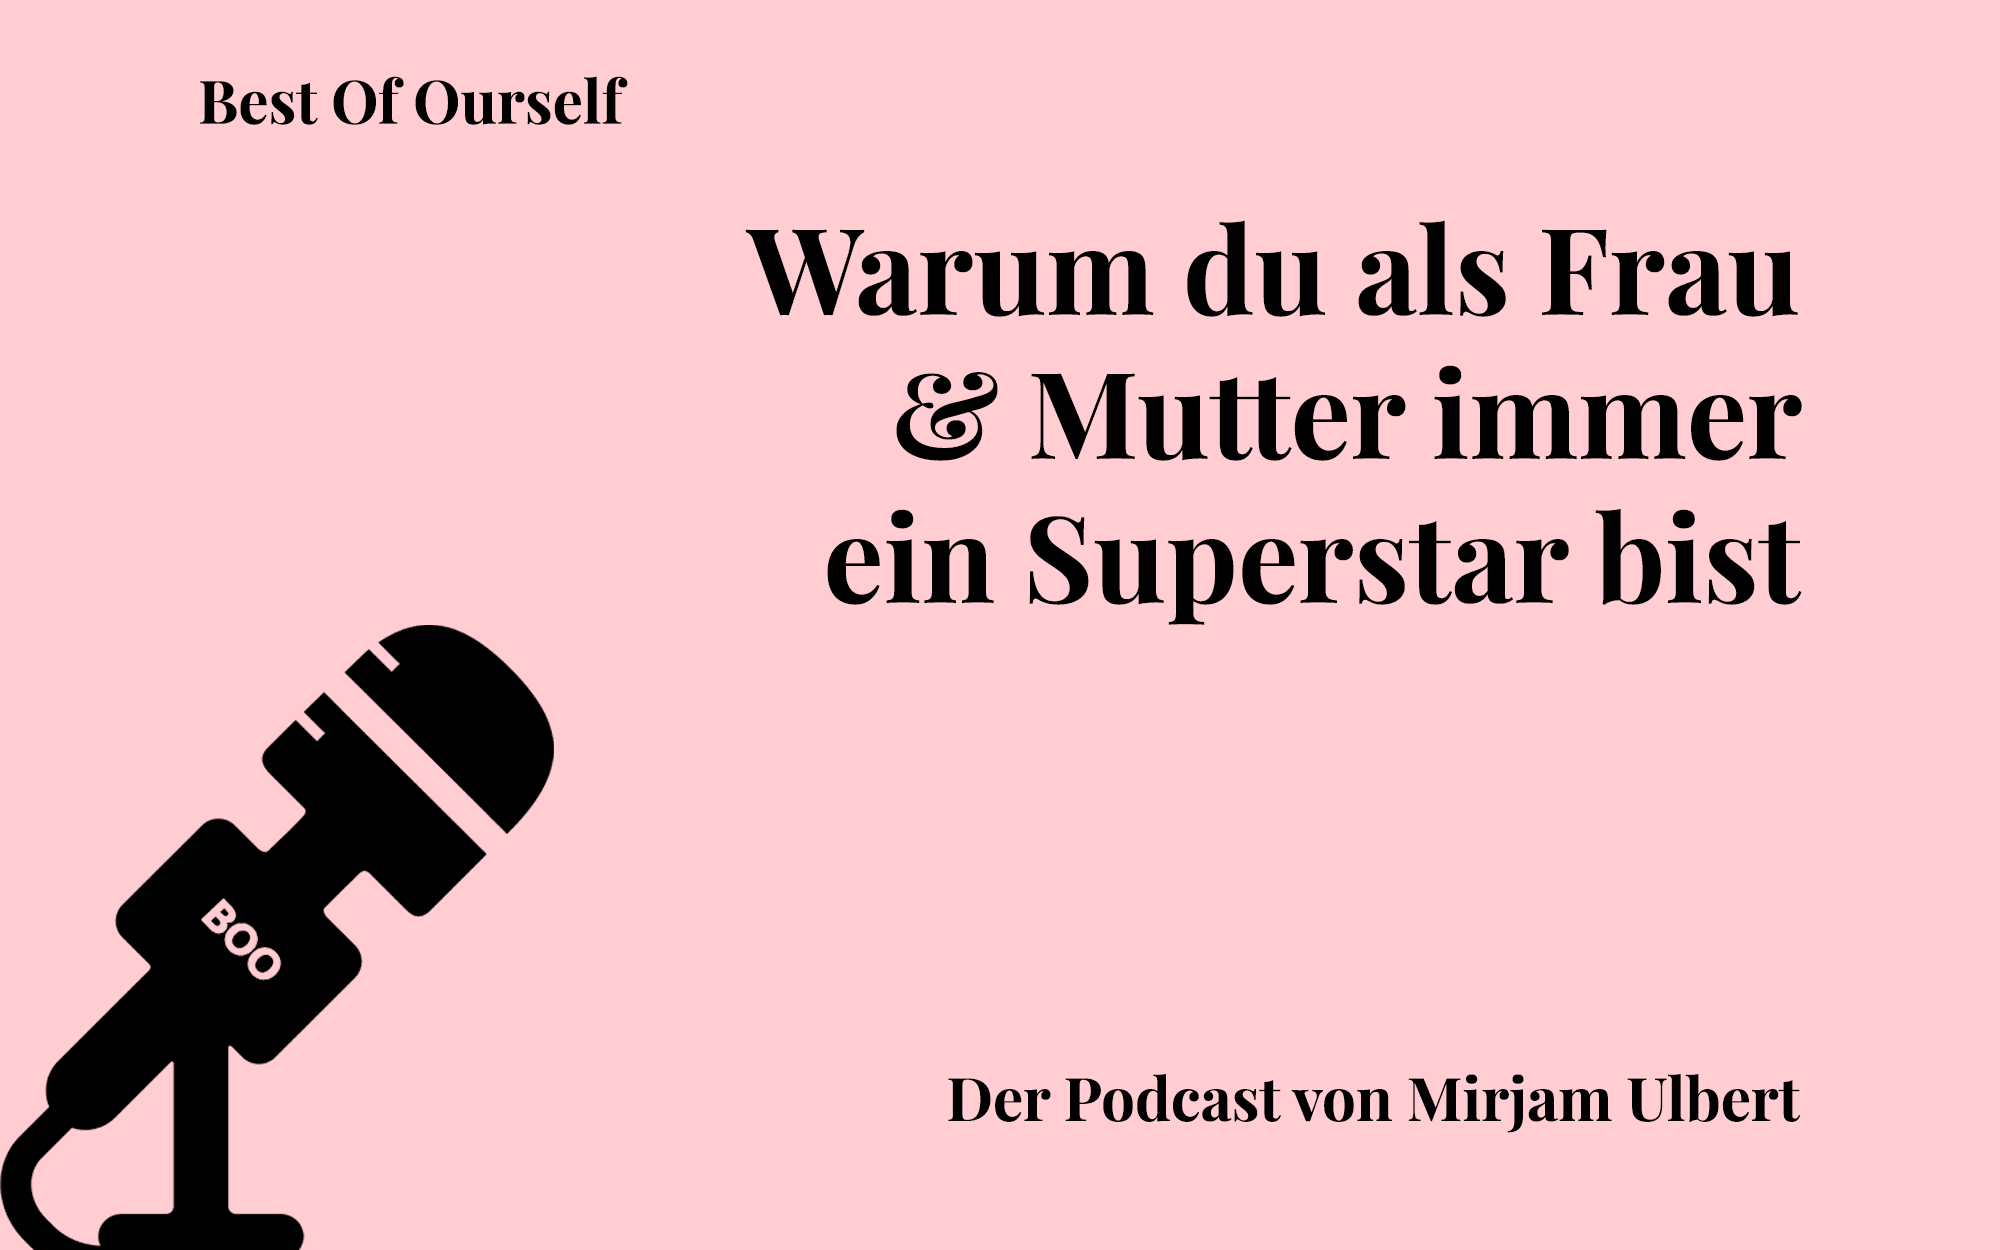 Podcast - Warum du als Frau & Mutter immer ein Superstar bist